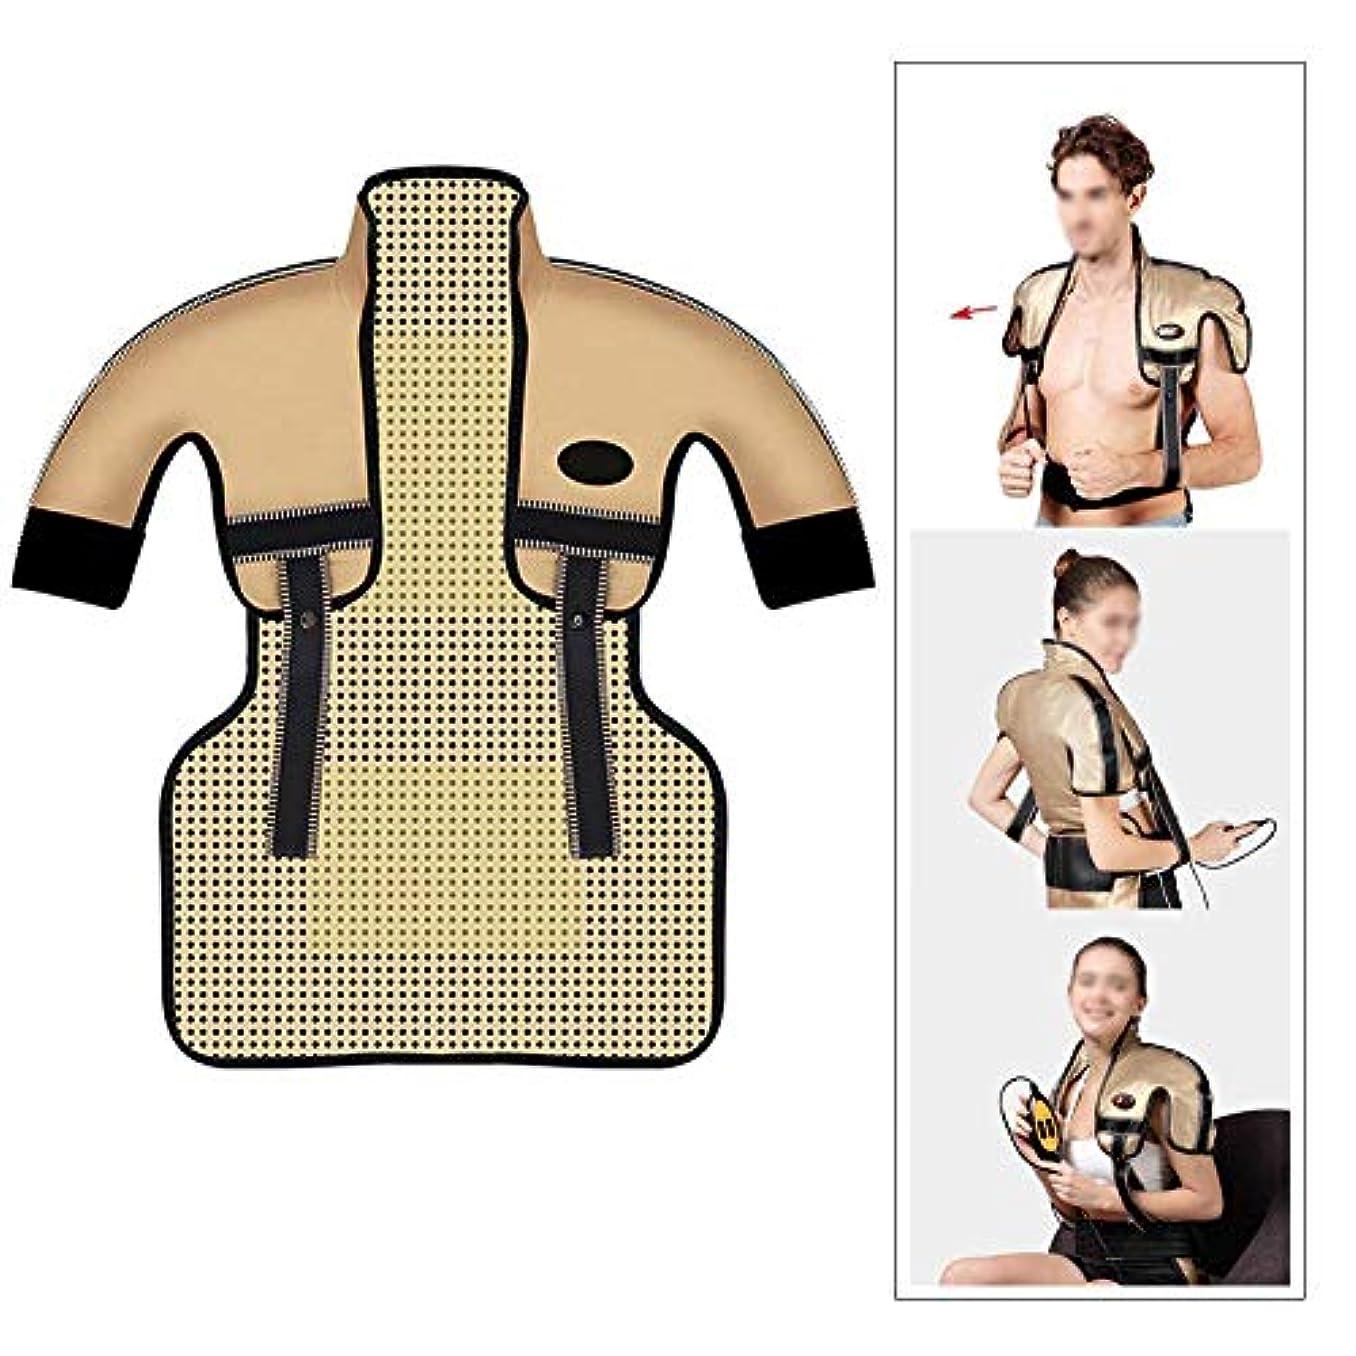 去るさびた高さ肩と首の電気加熱パッド - 混練加熱、痛みを和らげるヒートパッド、医療用品マッサージベスト(肩幅用:35-50CM)